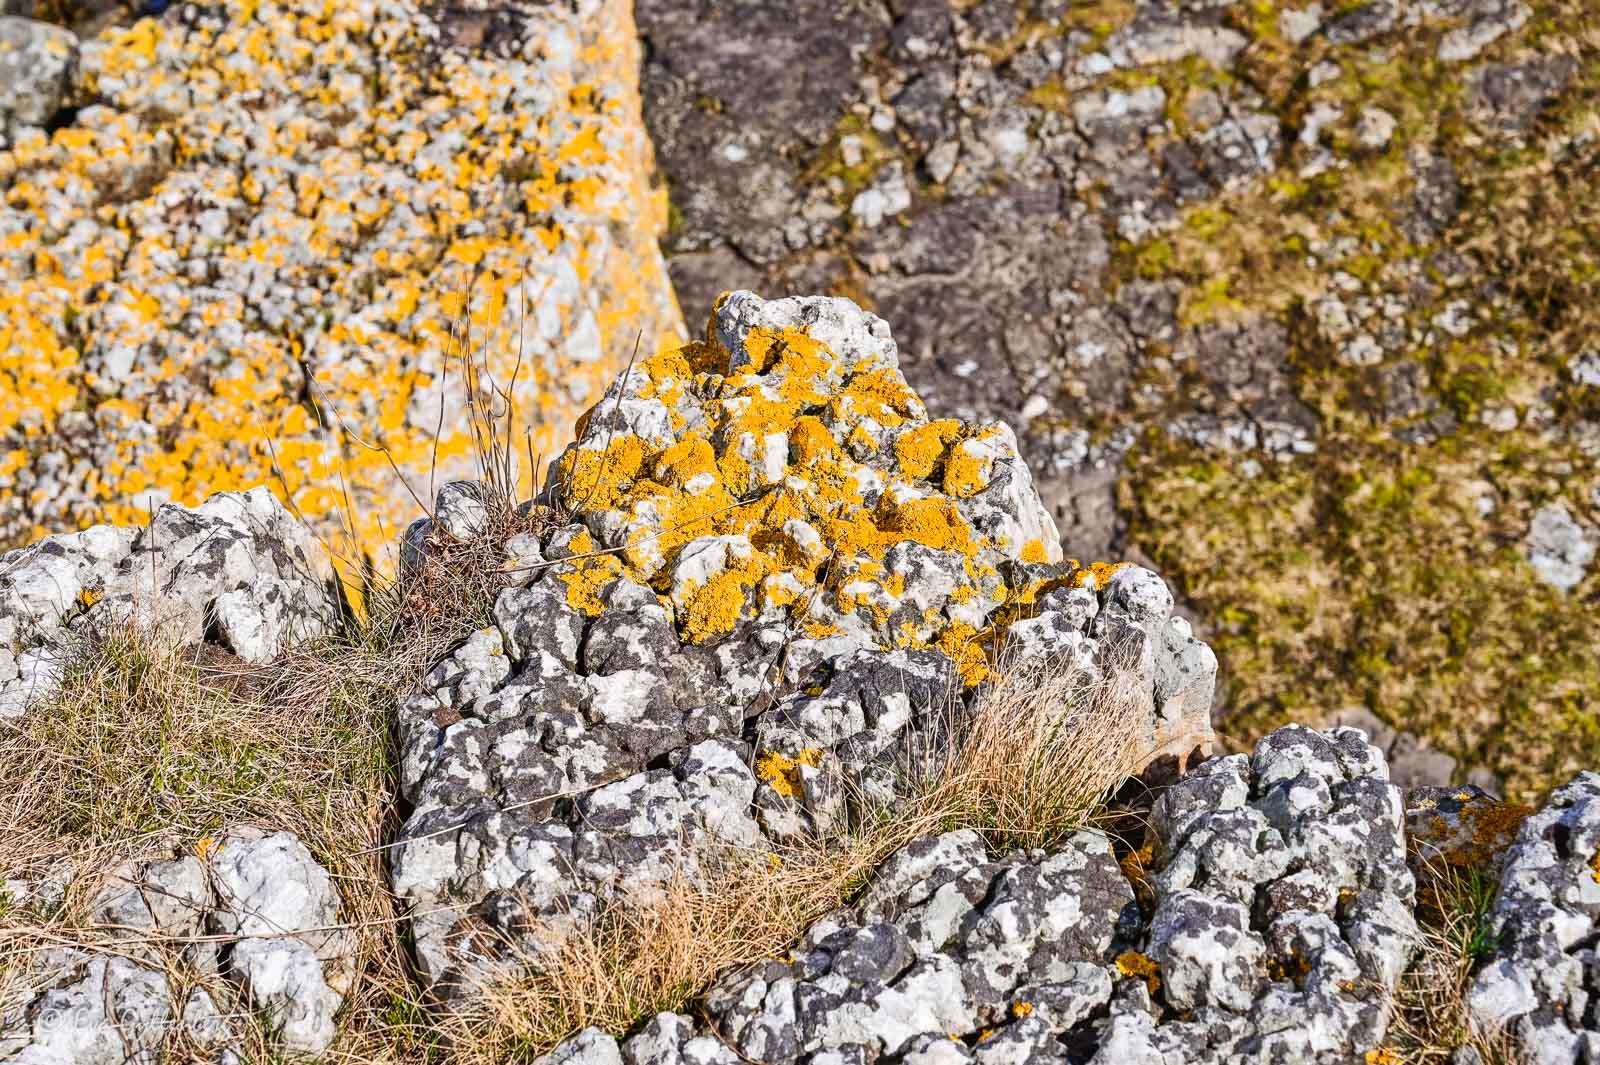 Mossbeklädda klippor